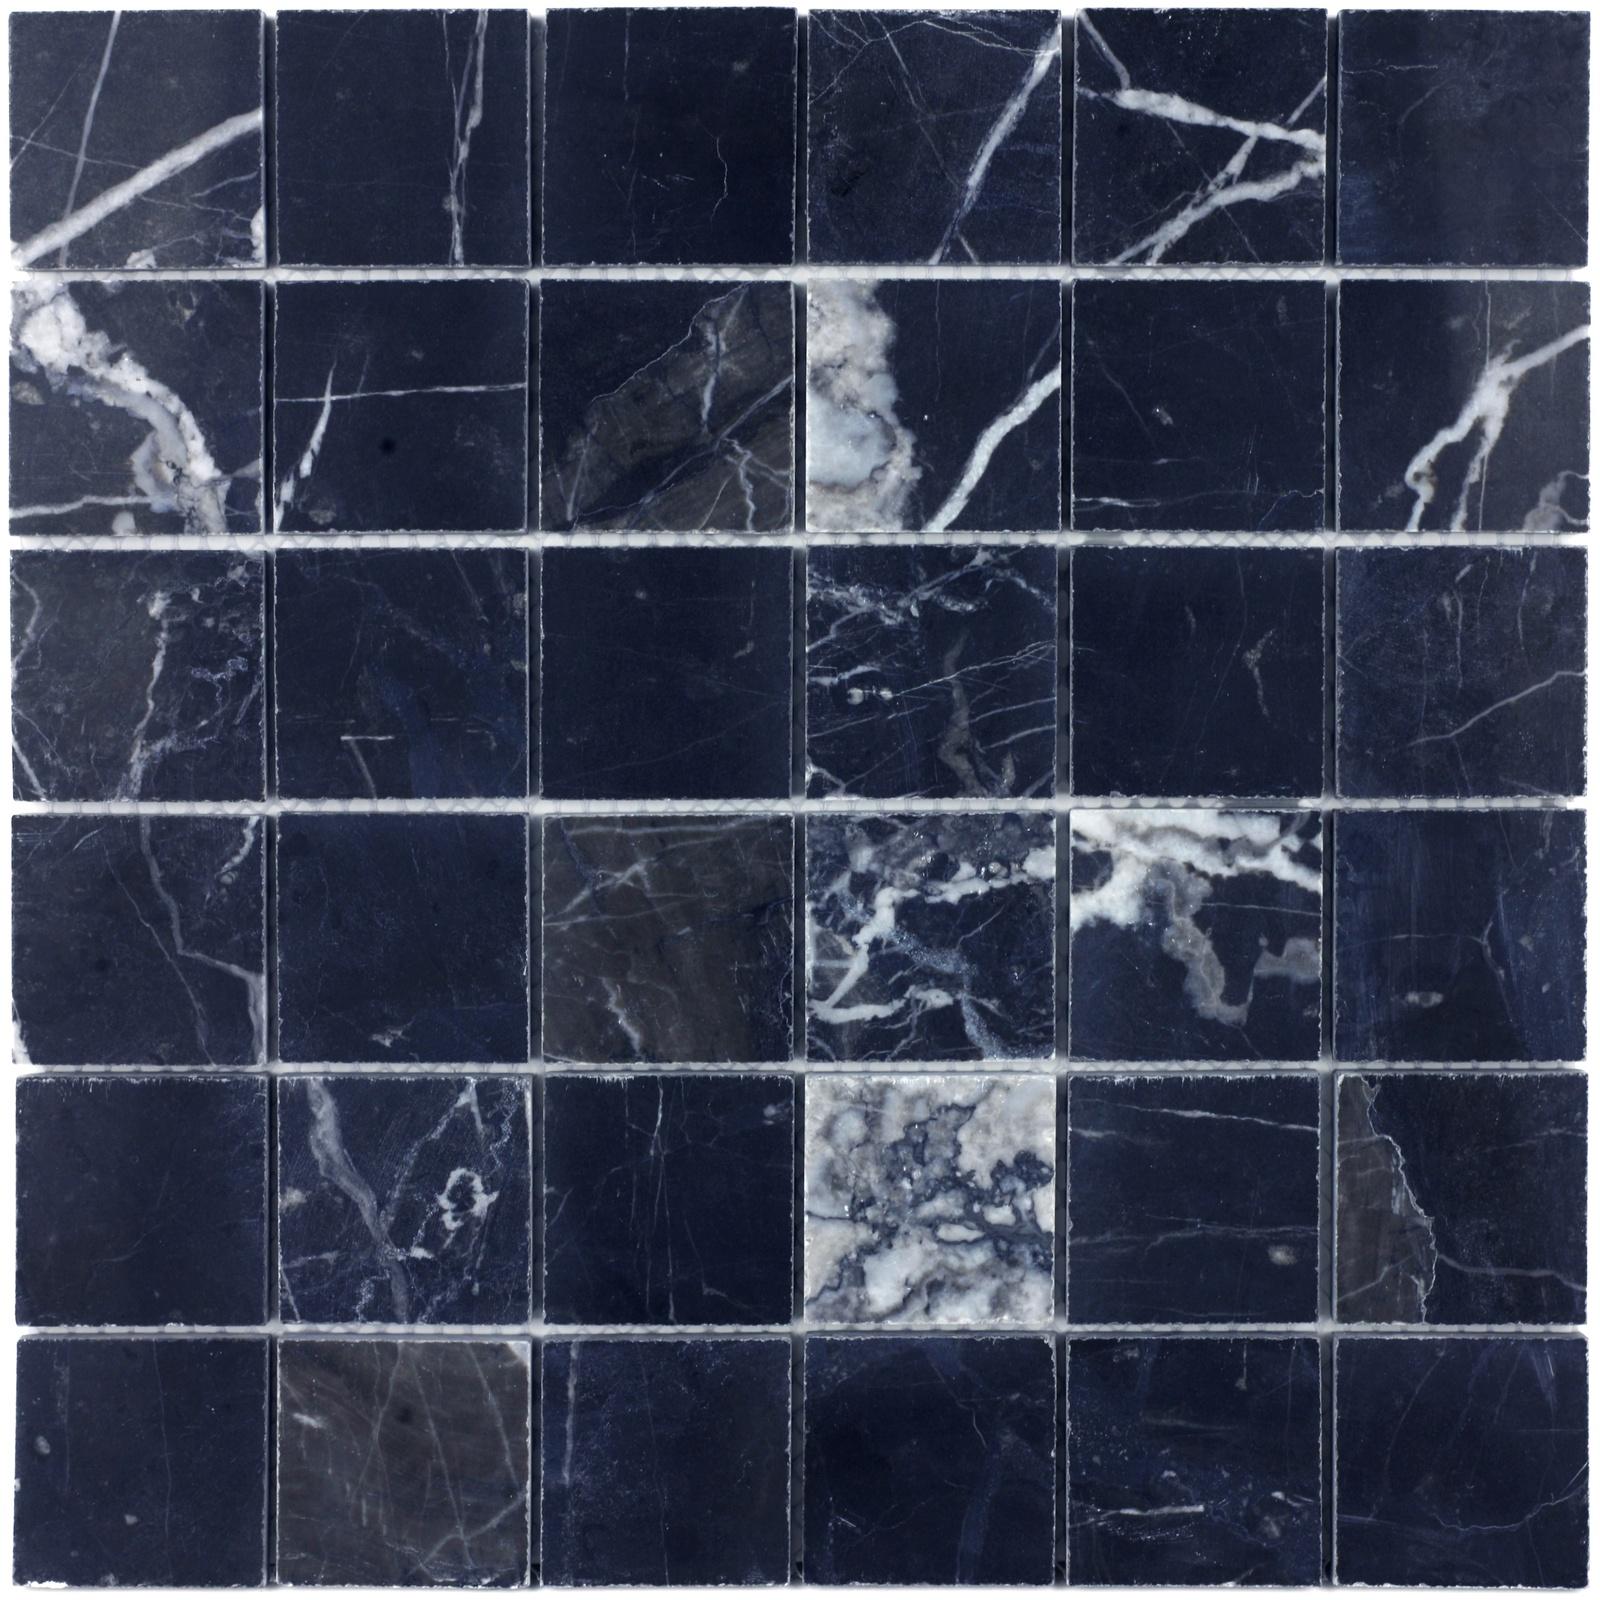 Мозаика из натурального камня Nero marquina POL 48x48x7 настенная плитка atlas concorde marvel stone nero marquina 50x110